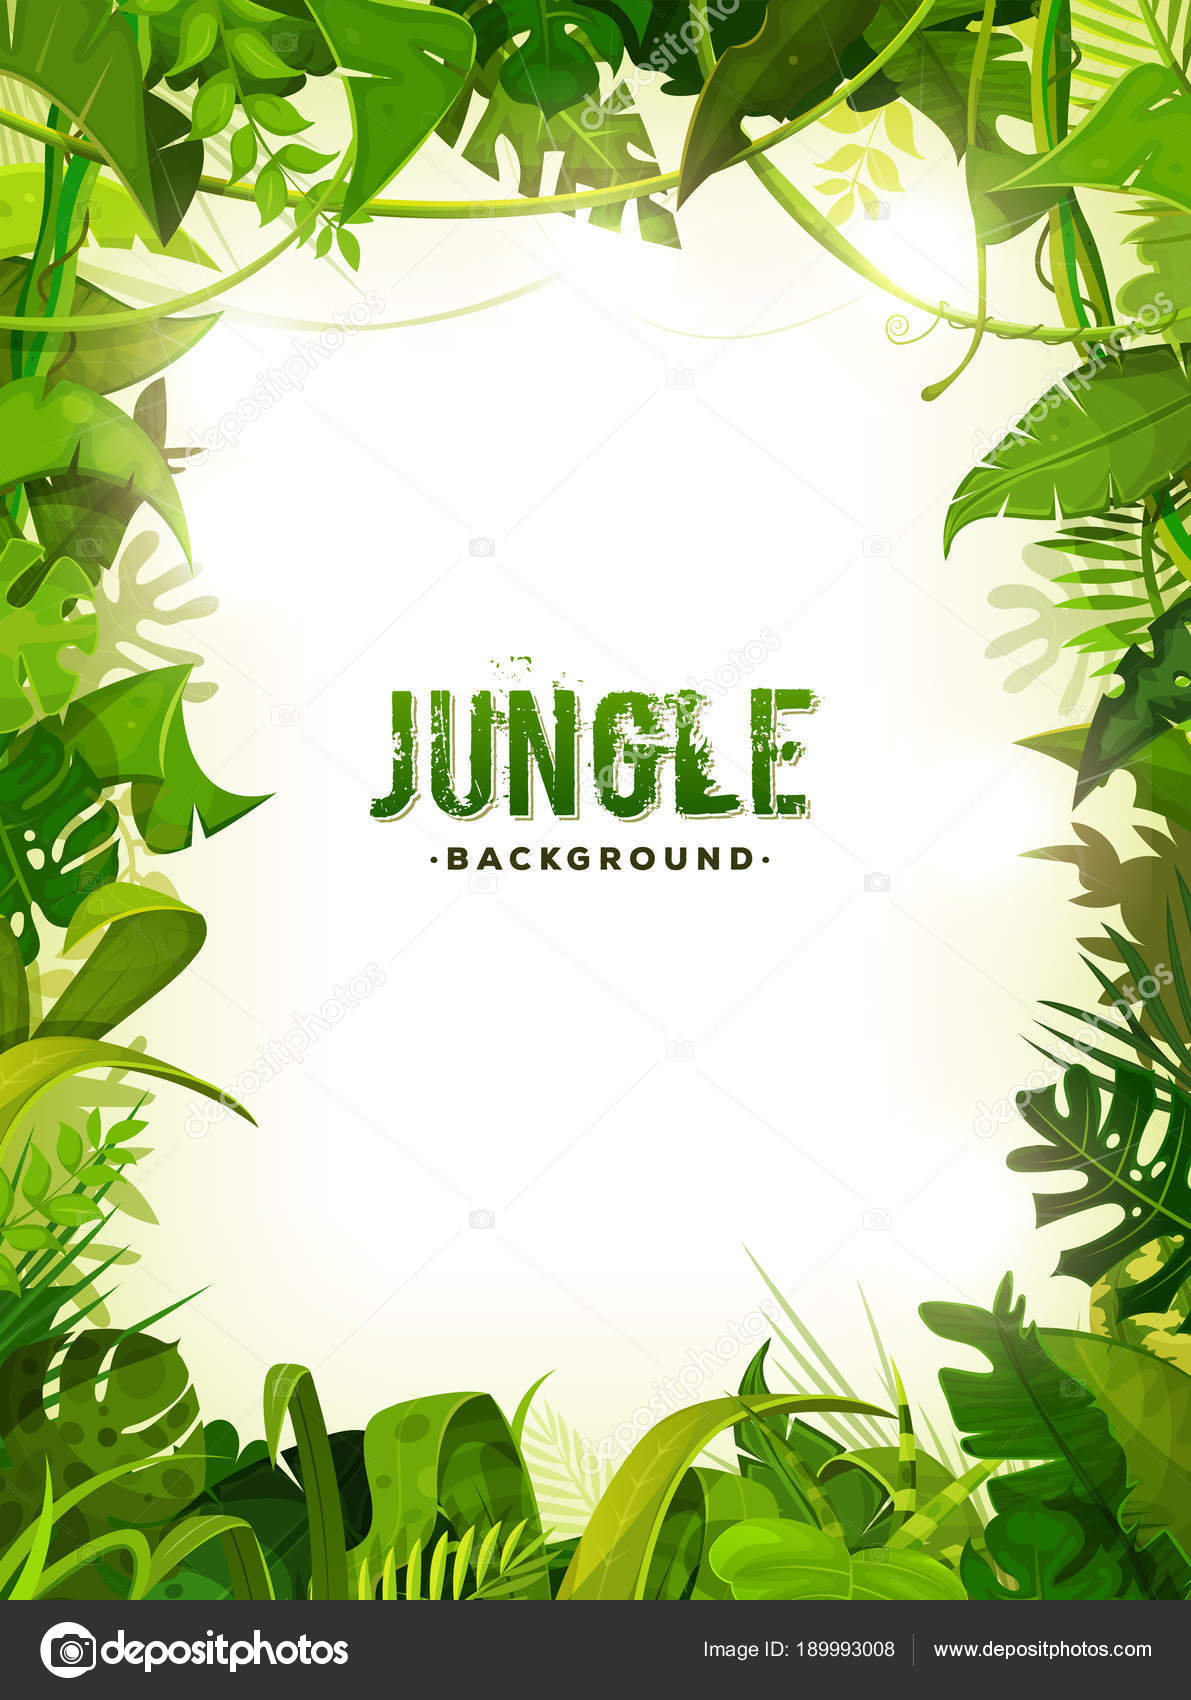 Marco selva con ornamentos hechos con hojas follaje rboles plantas archivo im genes - Marcos para plantas ...